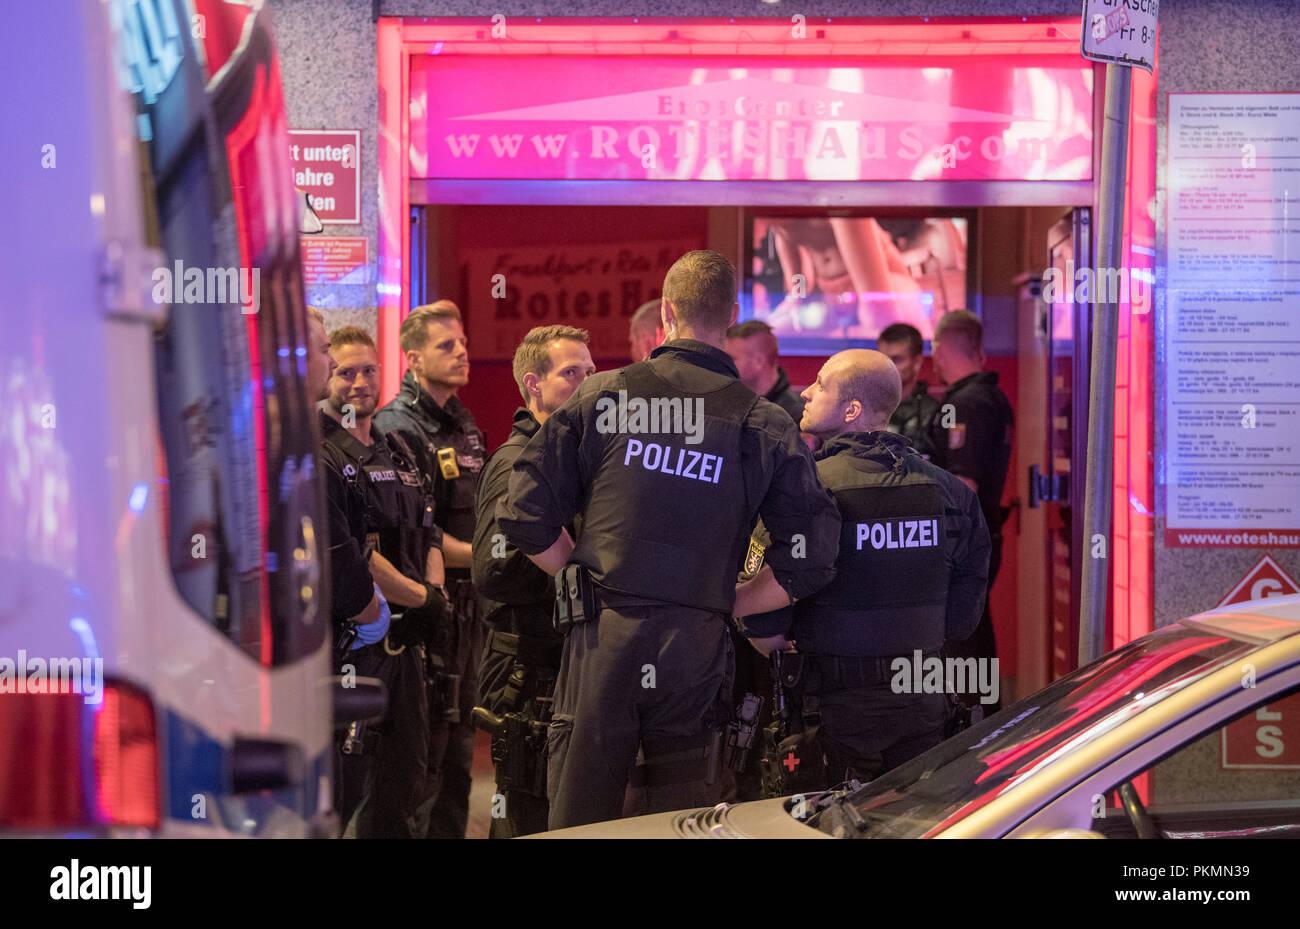 Bordel frankfurt Prostitution in